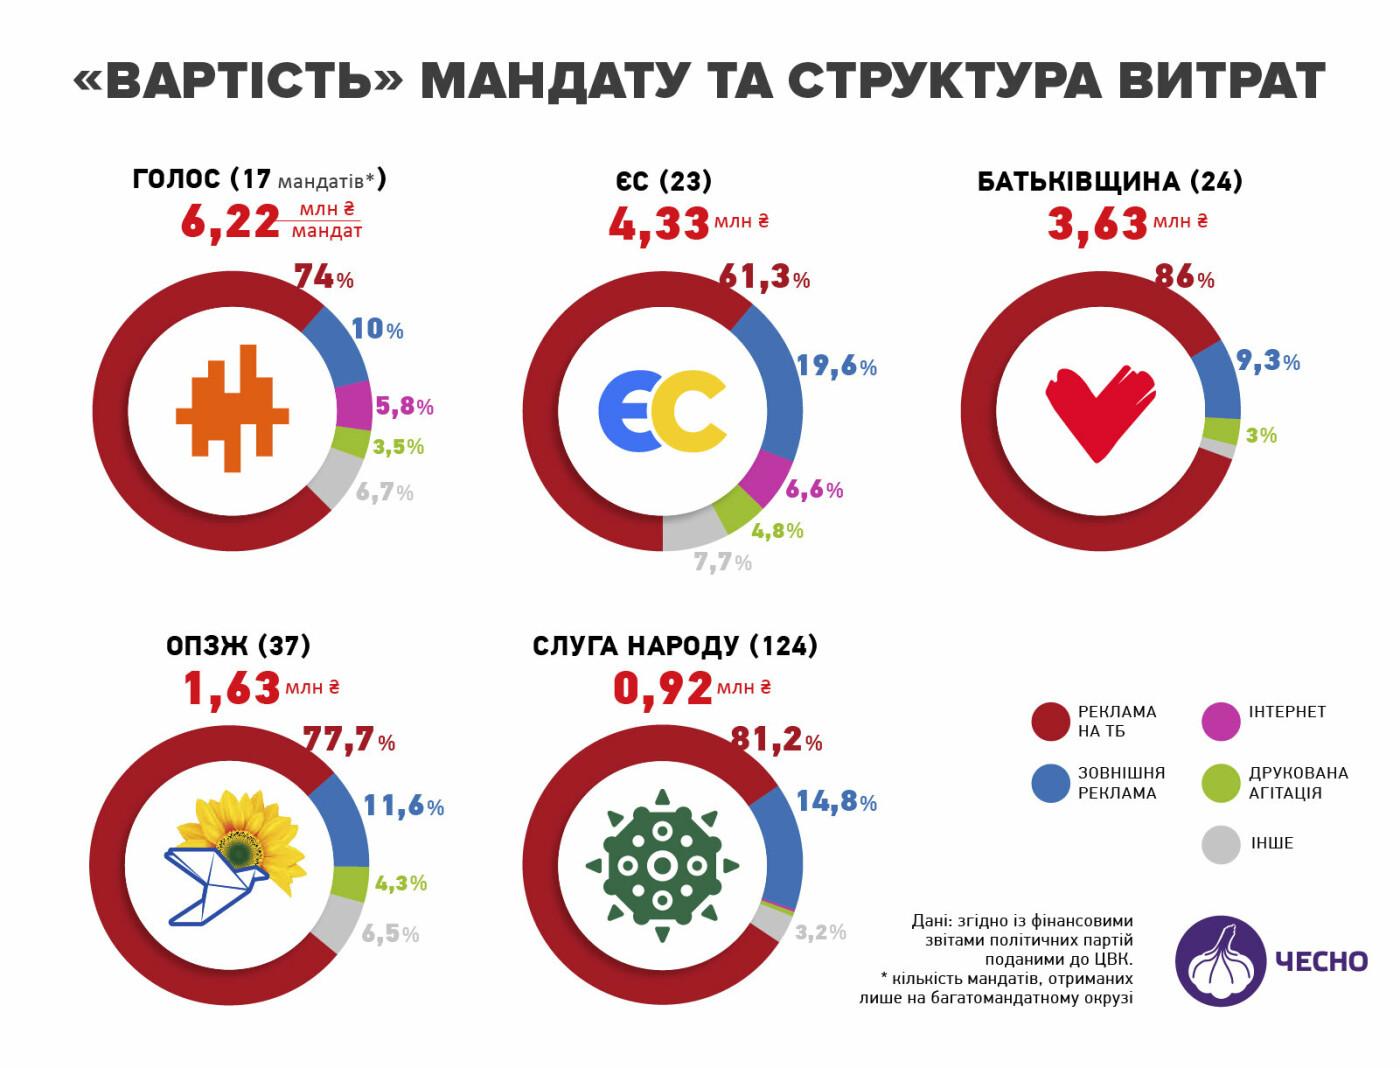 Вартість мандата: яким партіям нардепи обійшлися найдорожче?, фото-1